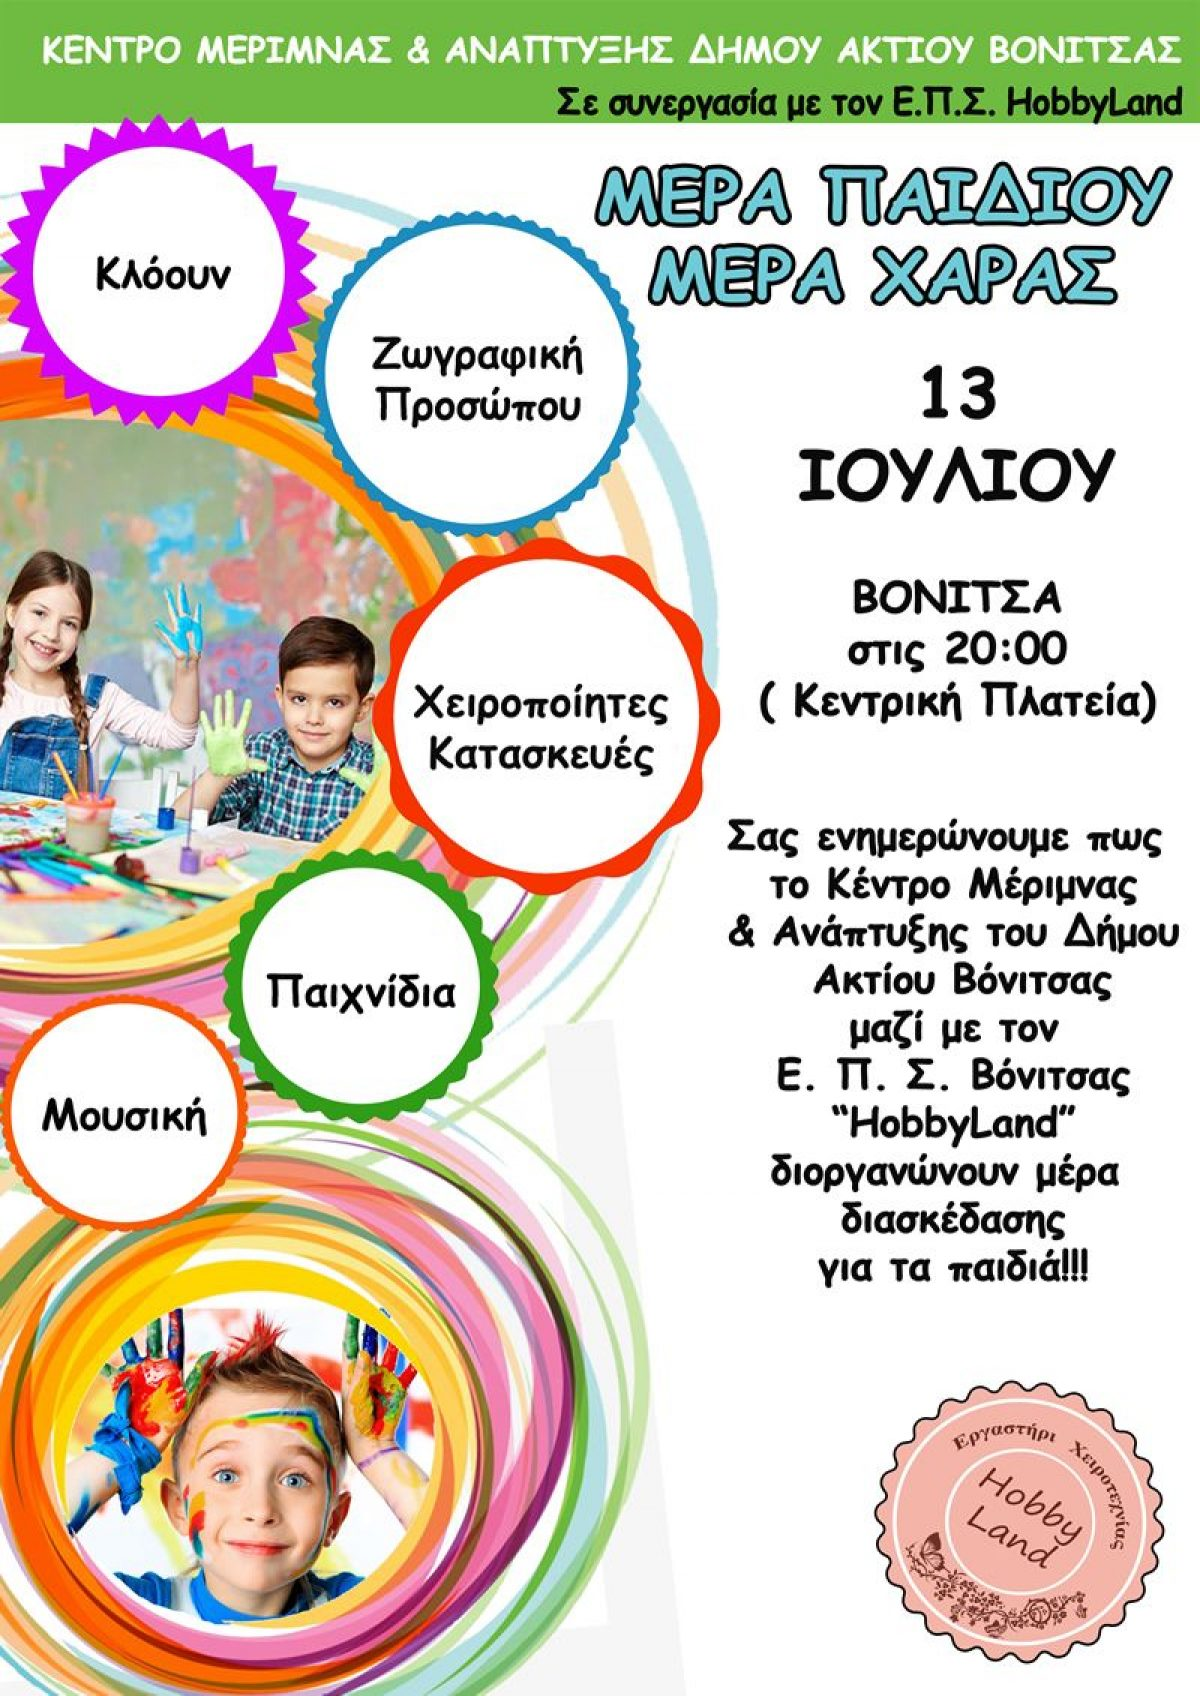 «Μέρα Παιδιού, Μέρα Χαράς» εκδήλωση για παιδιά στην Βόνιτσα